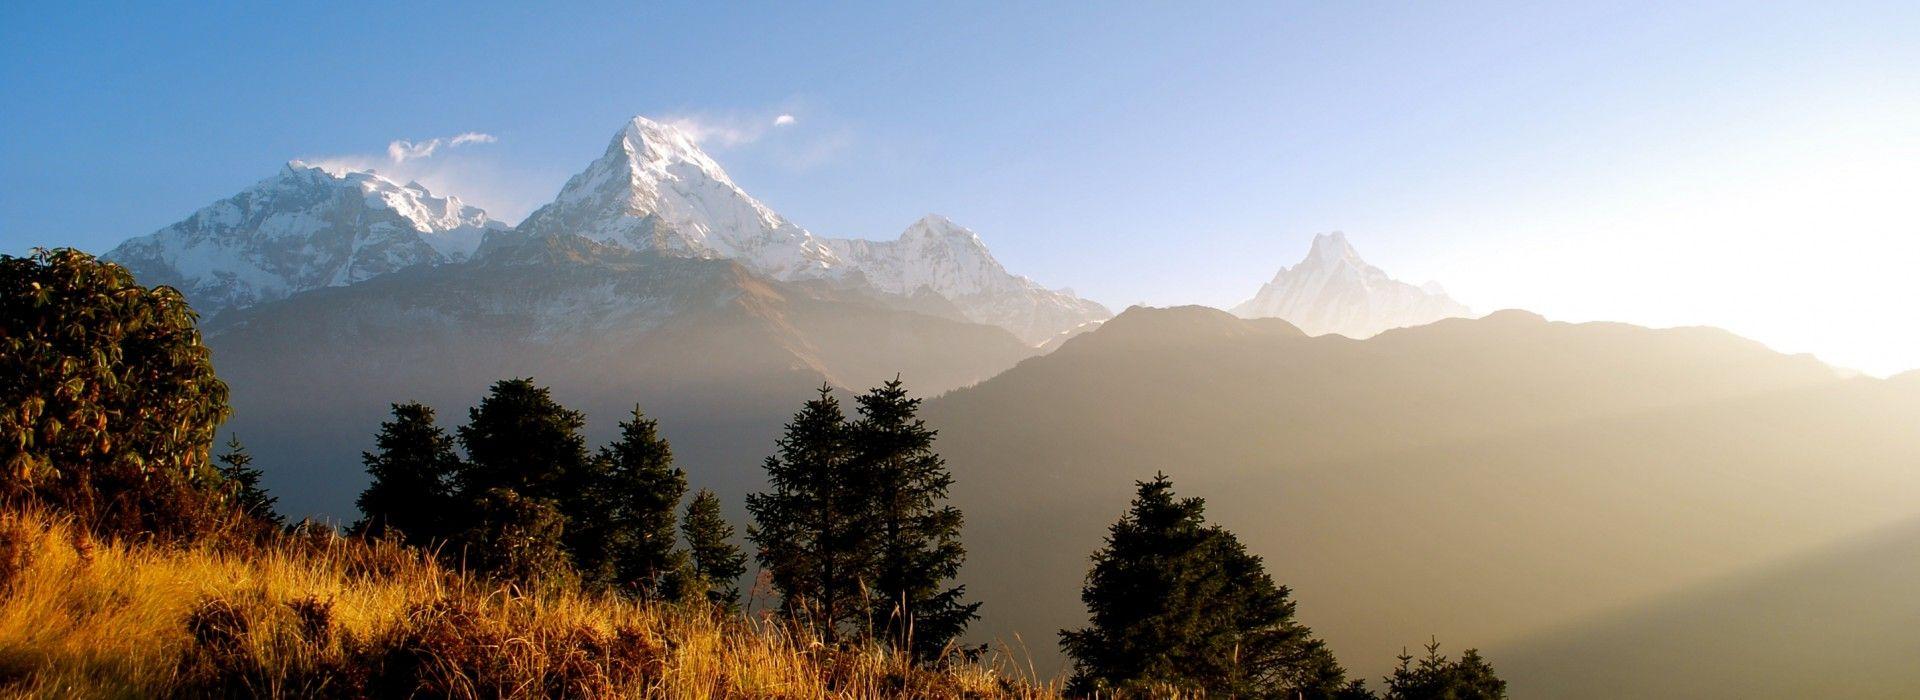 Trekking Tours in Nagarkot